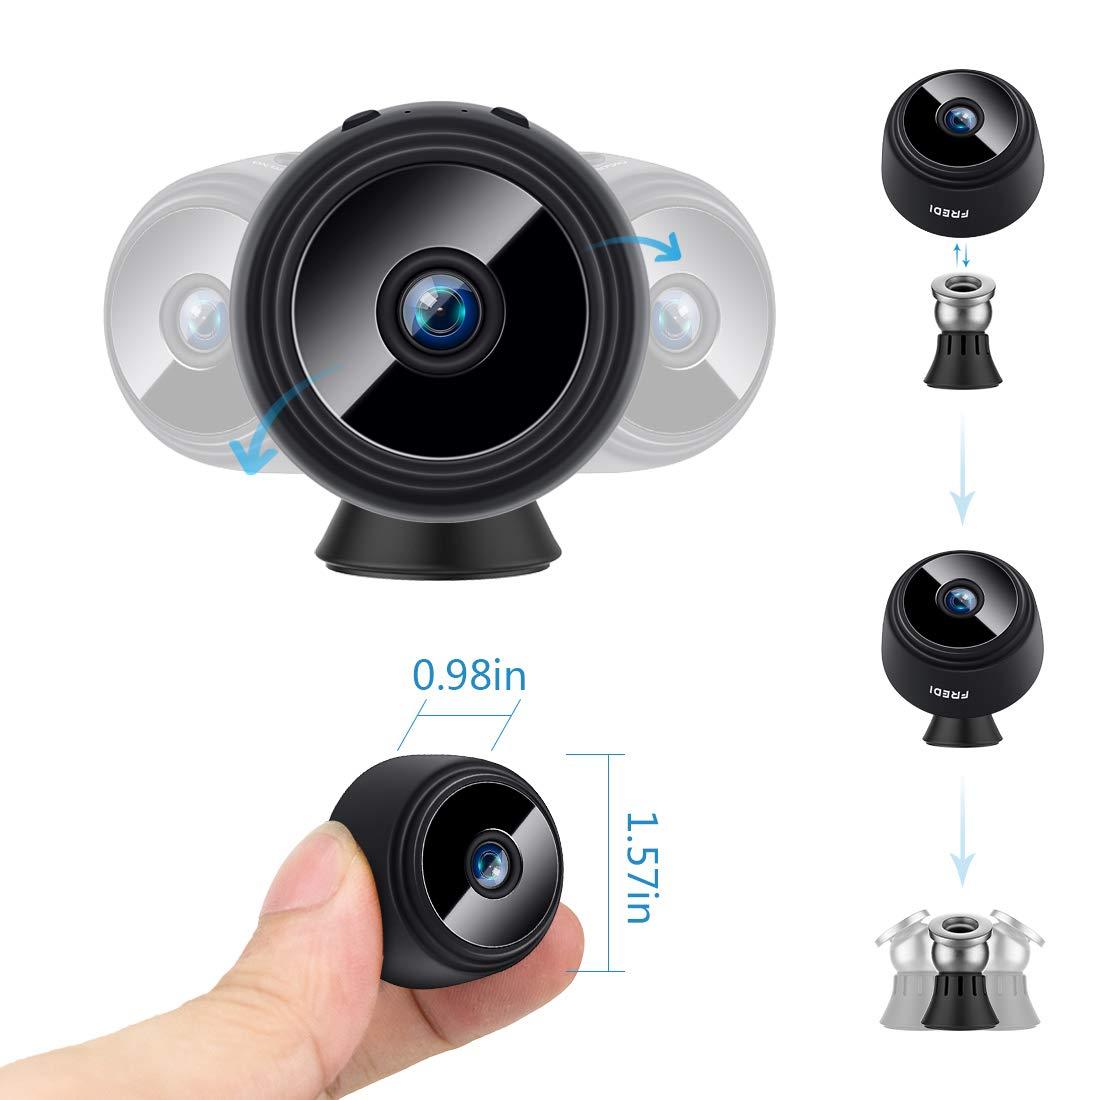 Fredi Mini cámara espía, 1080P HD WiFi cámara escondida cámara espía, pequeñas cámaras de seguridad inalámbrica para el hogar con visión nocturna, ...